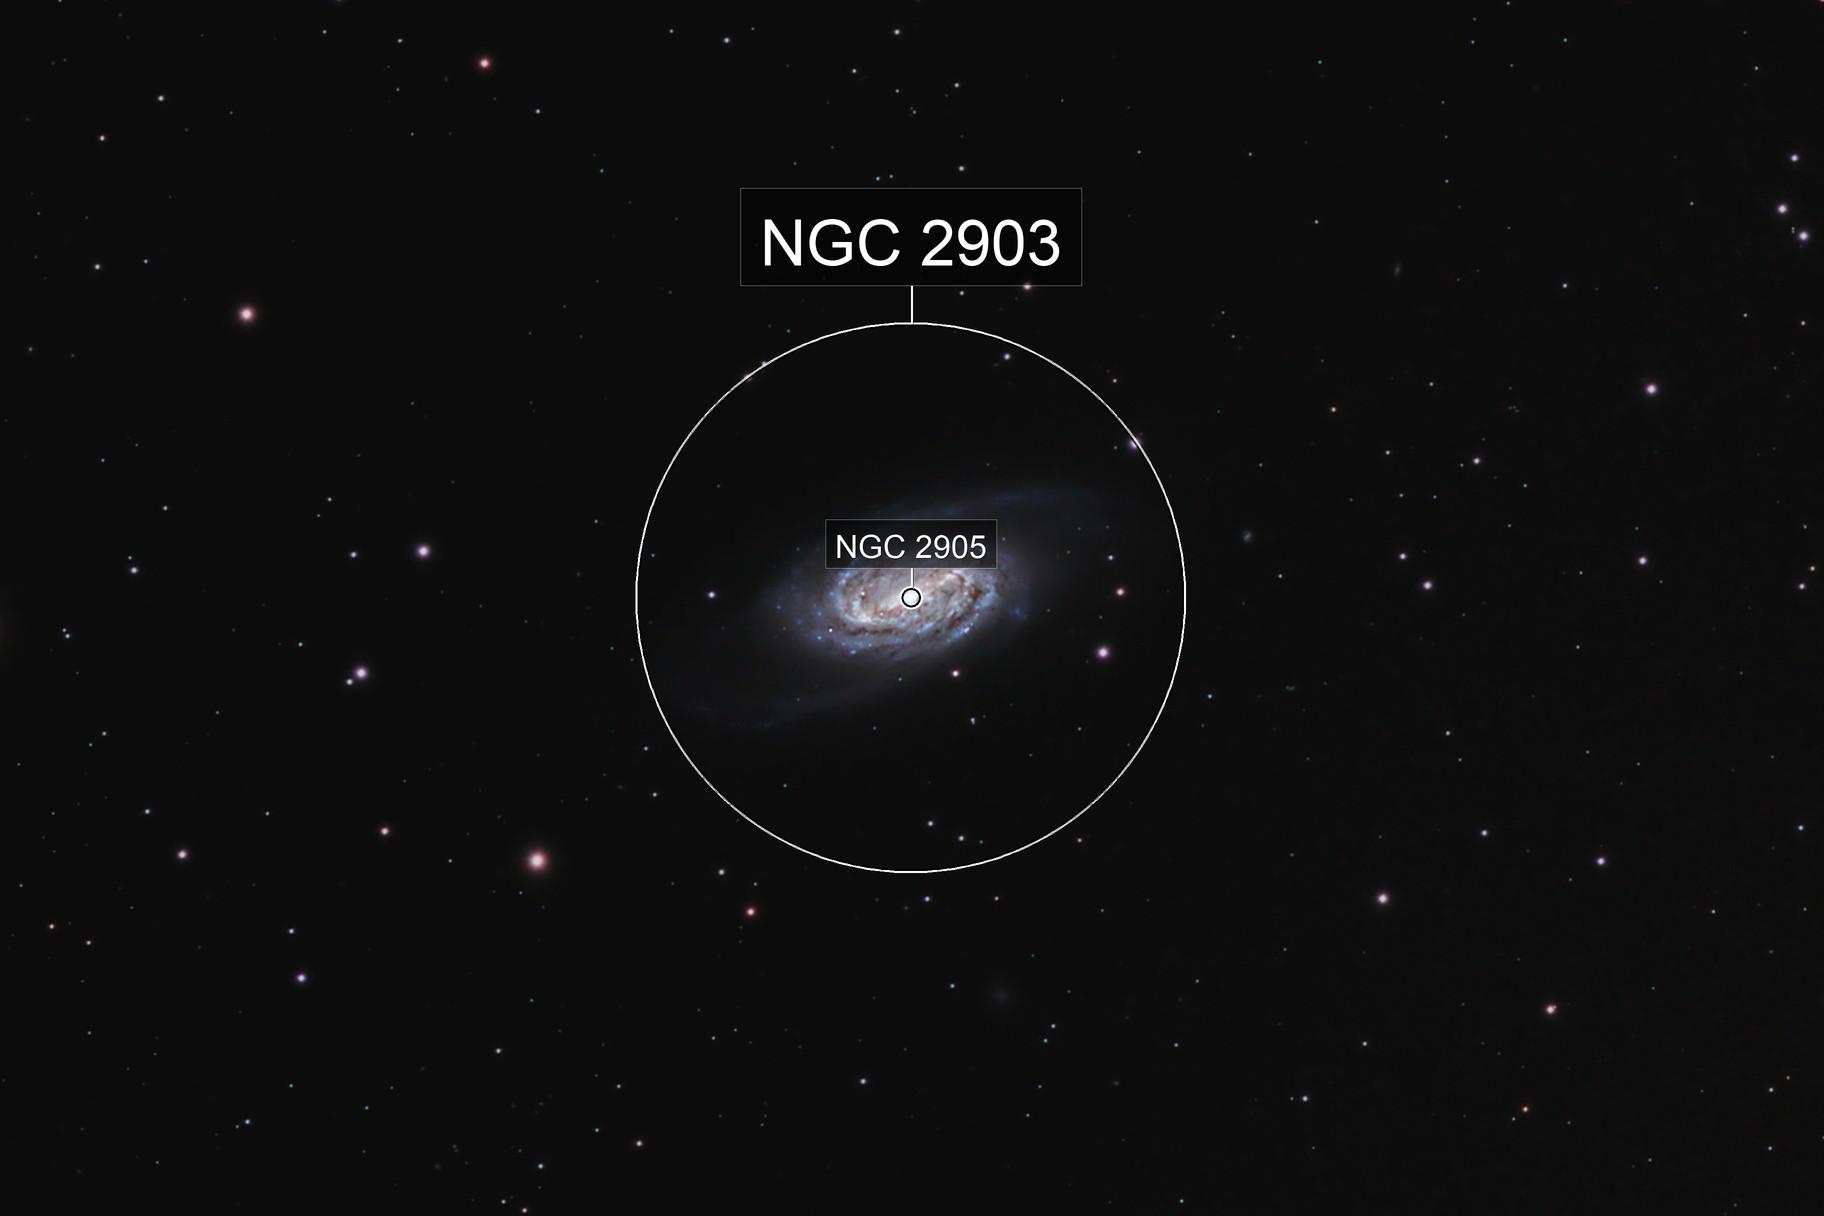 NGC 2903, the overlooked galaxy